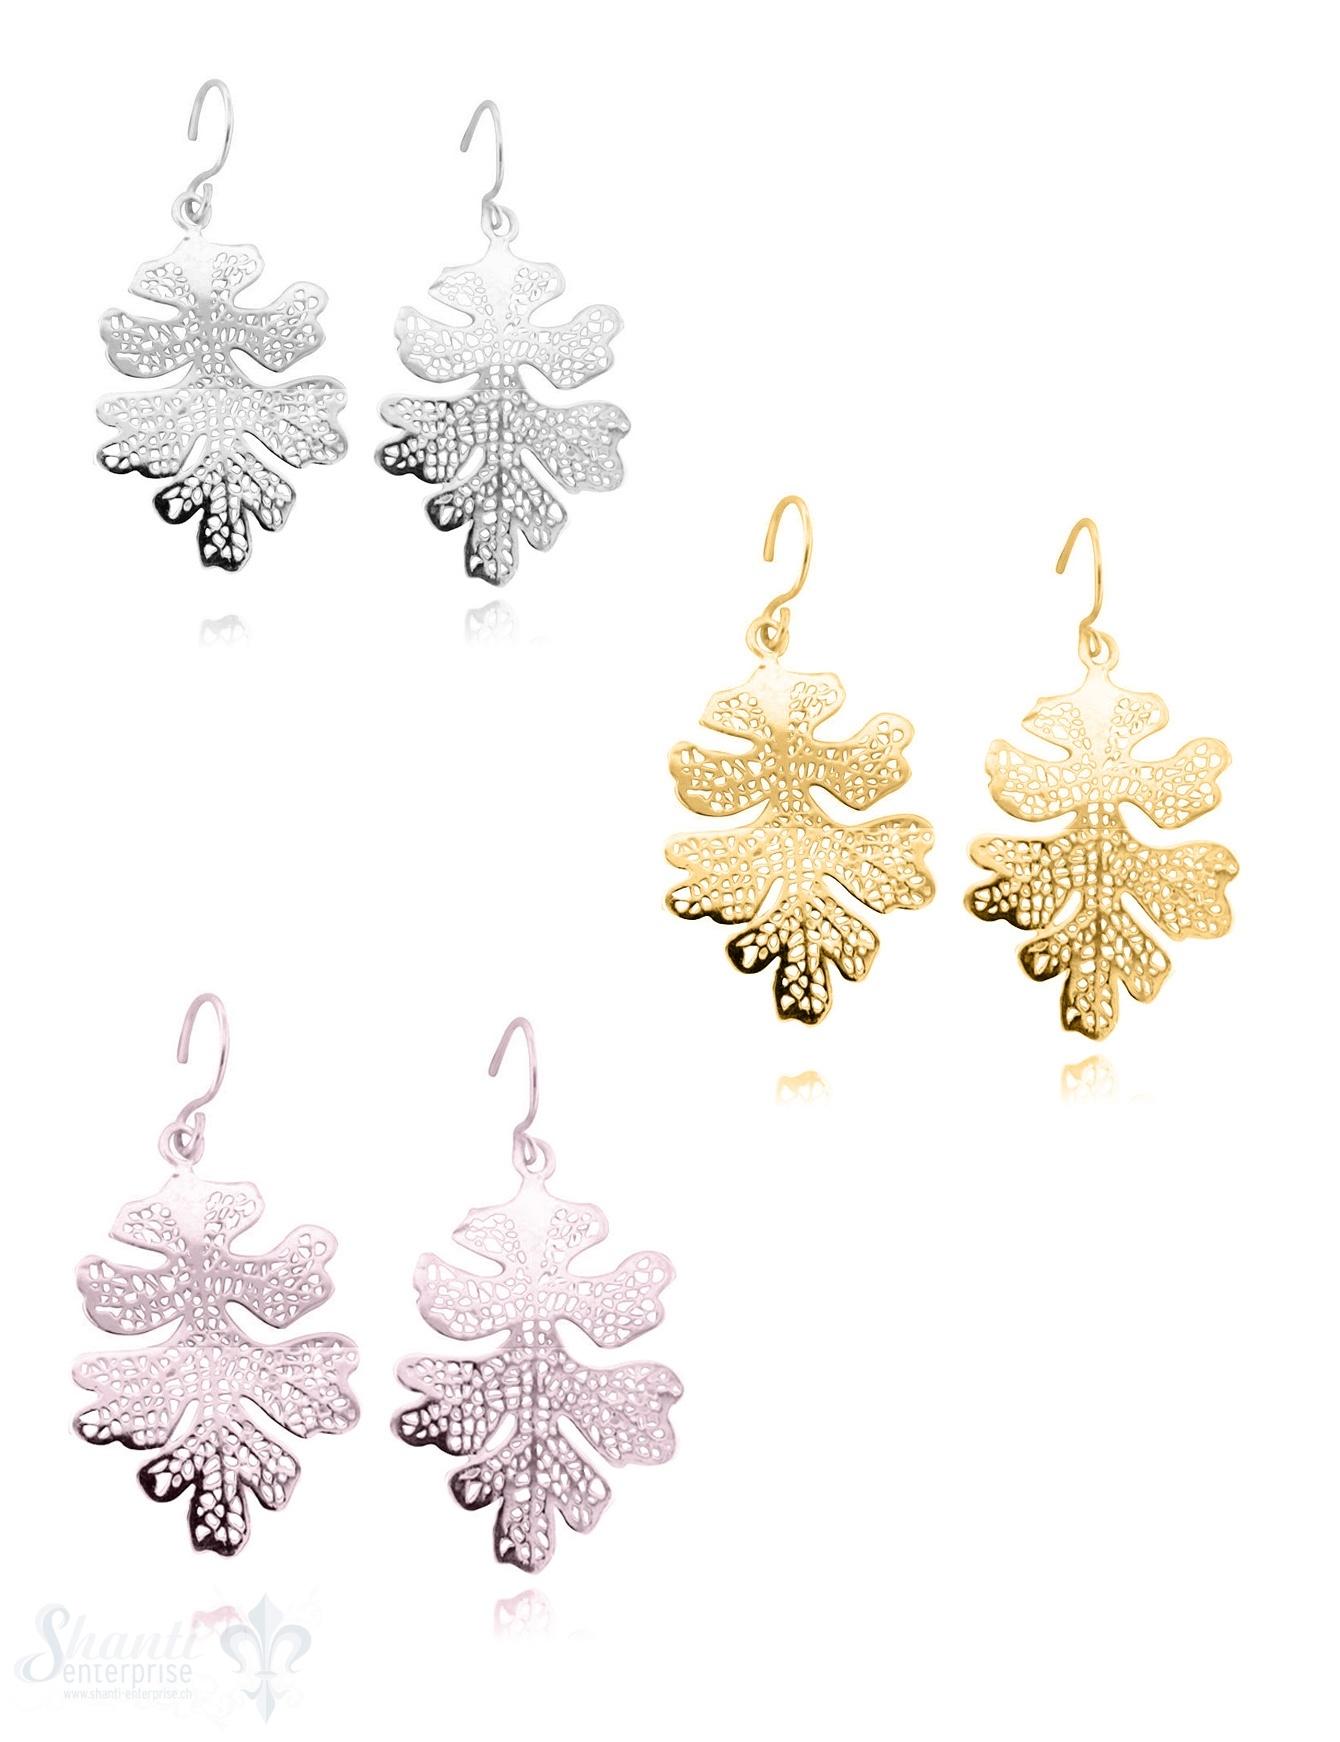 Ohrhänger Silber Eichenblatt mit Struktur 20x30 mm mit Bügel